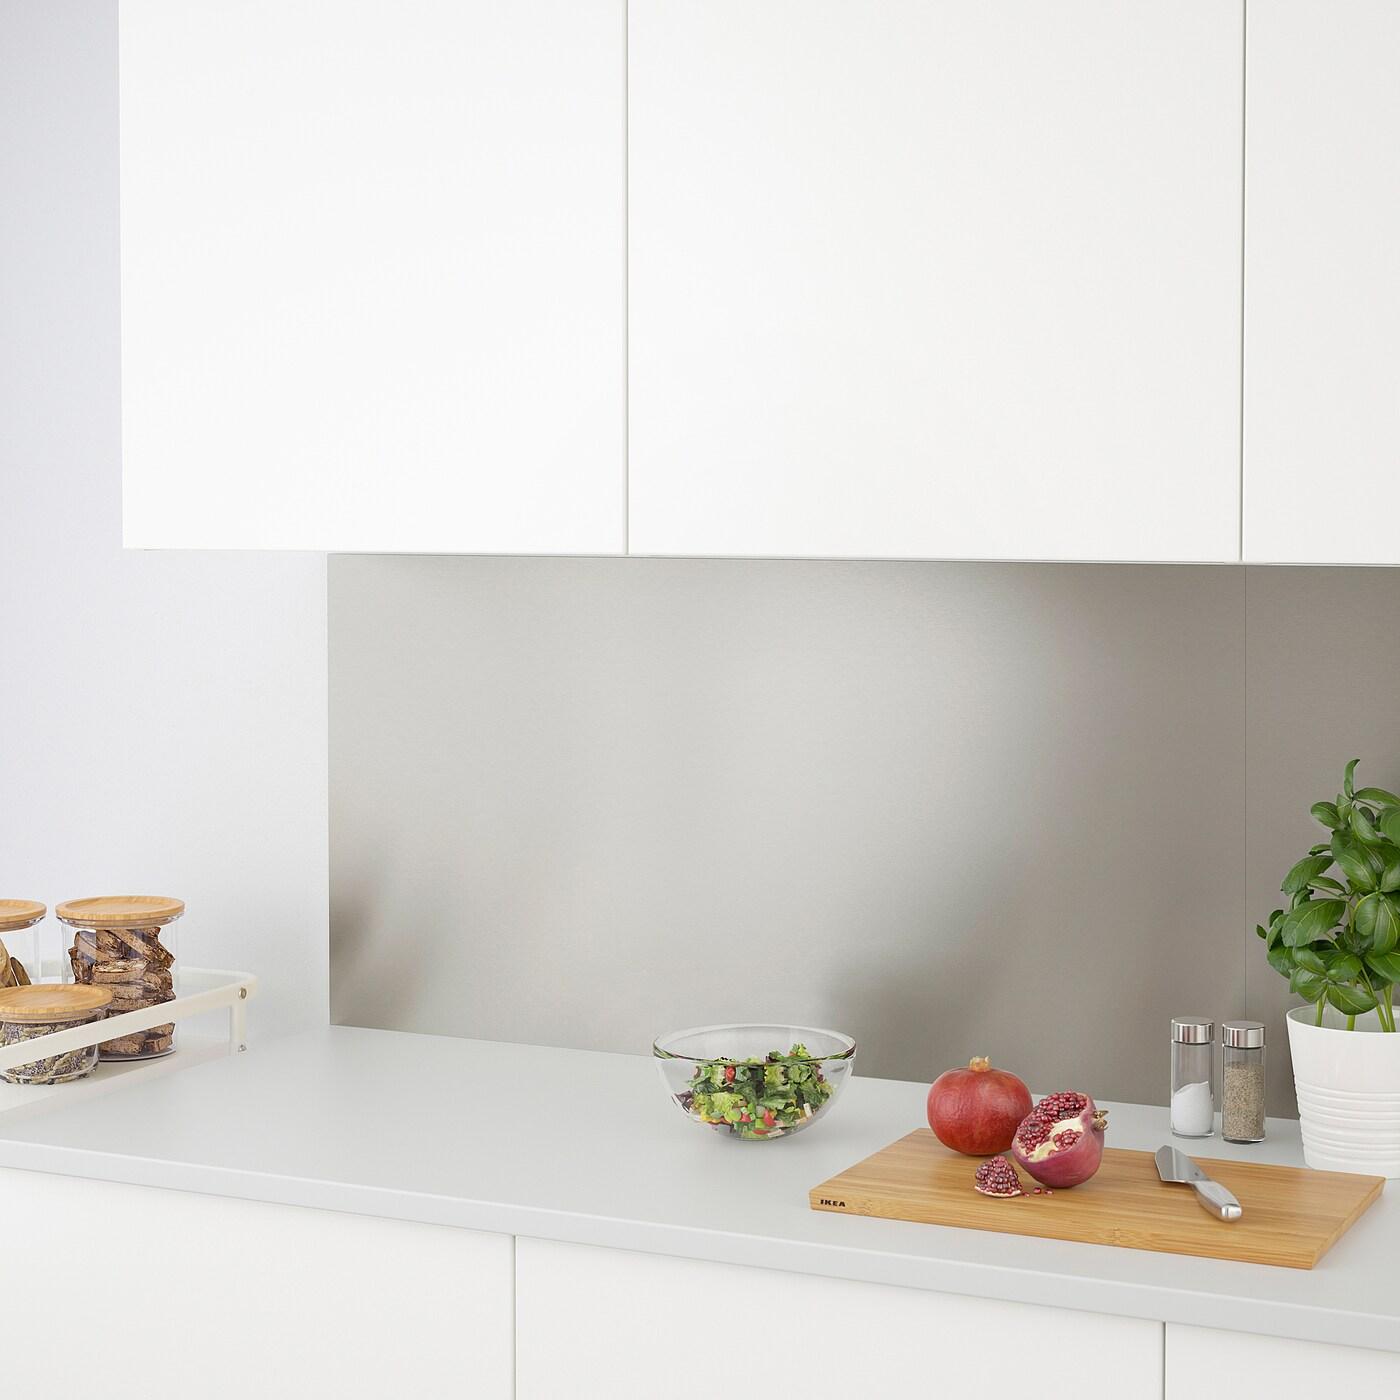 Full Size of Küchenrückwand Ikea Lysekil Wandpaneel Doppelseitig Messingfarben Küche Kosten Betten 160x200 Miniküche Sofa Mit Schlaffunktion Kaufen Modulküche Bei Wohnzimmer Küchenrückwand Ikea